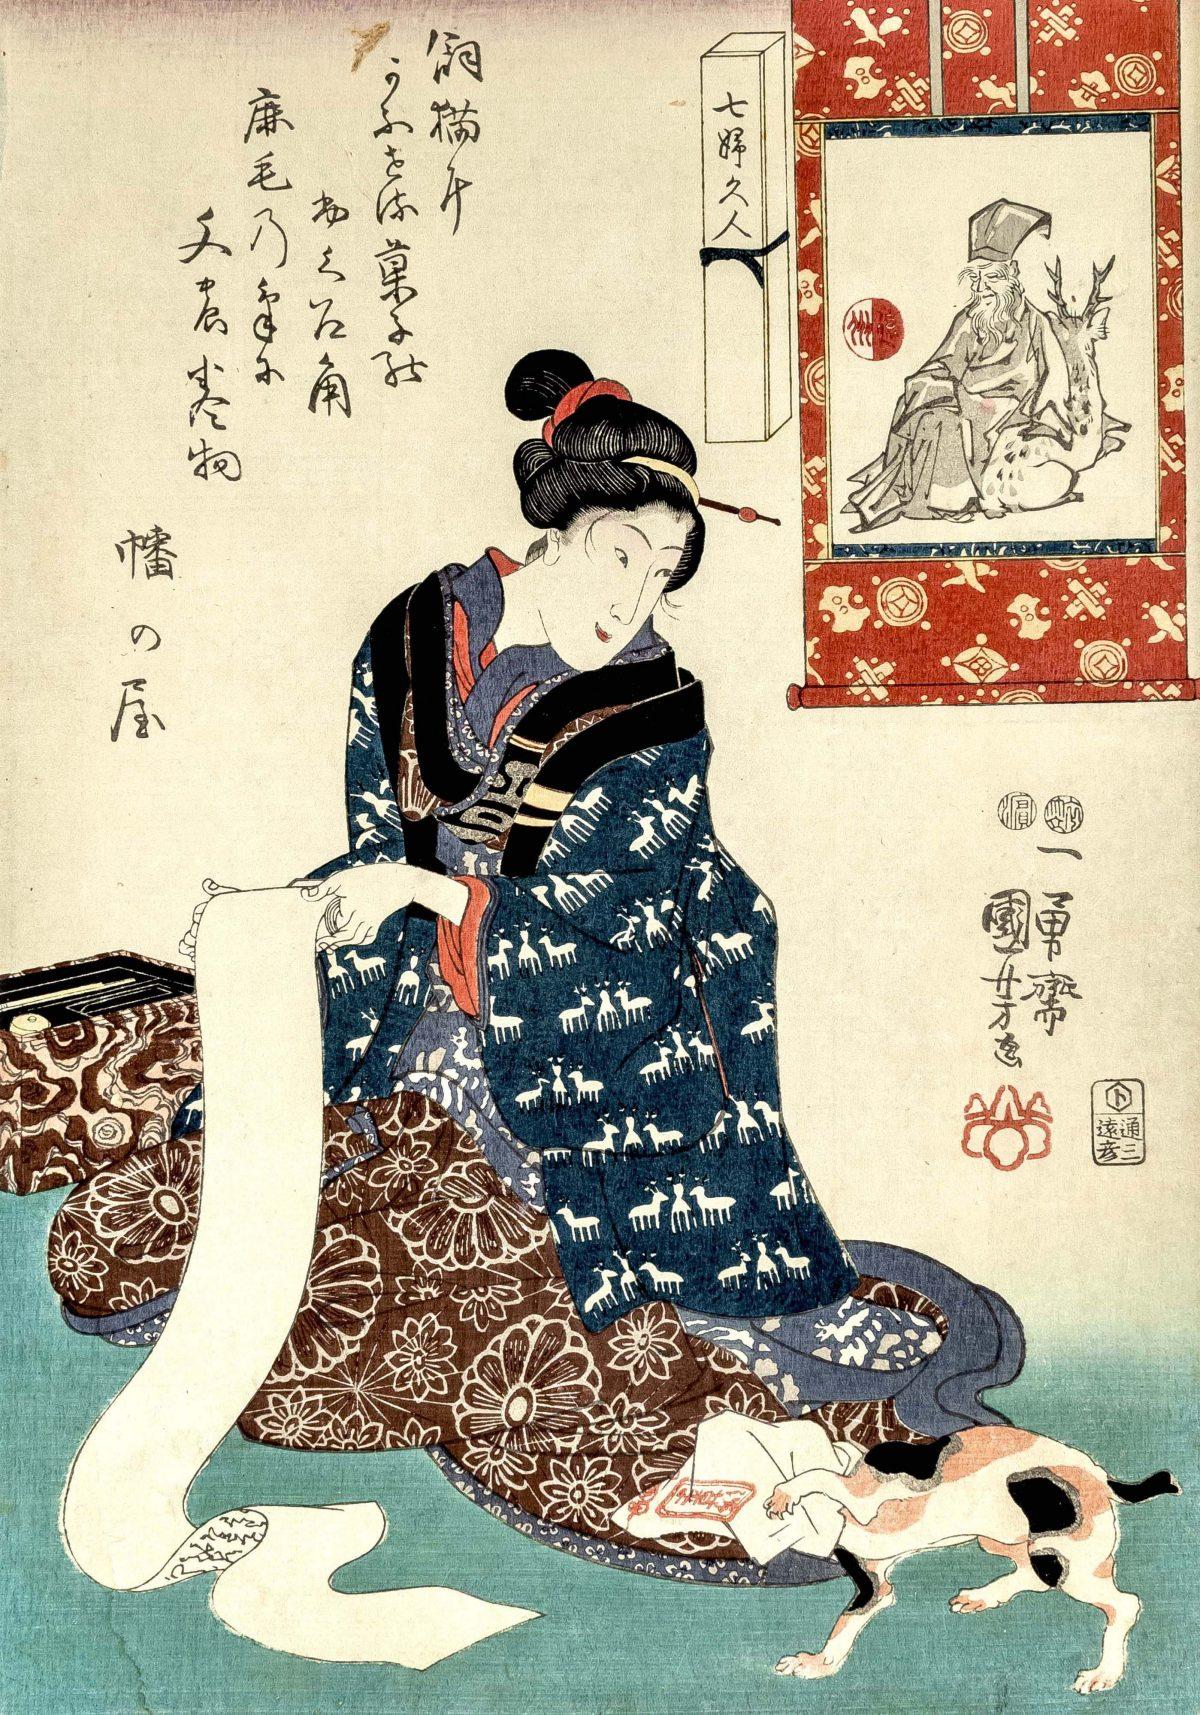 江戸文化が華やいだ隅田川とその流域 江戸から明治の文化的変遷を辿る